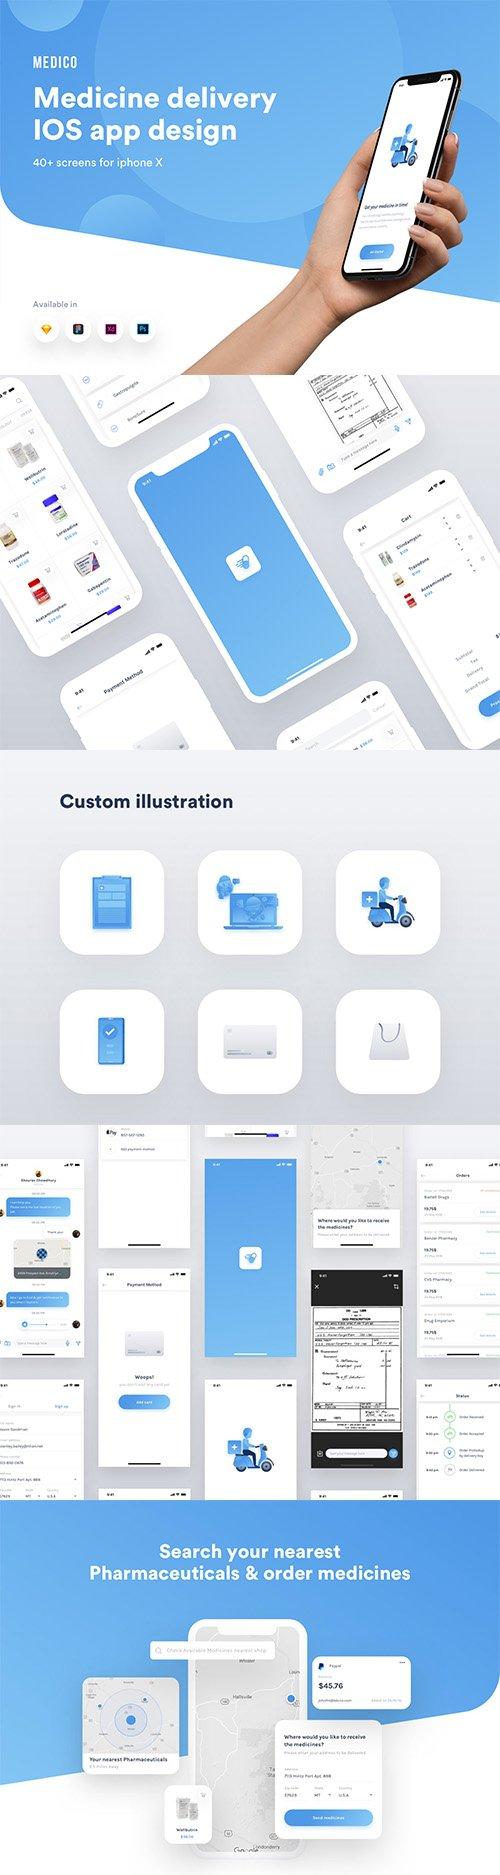 Medico medicine delivery IOS app ui kit